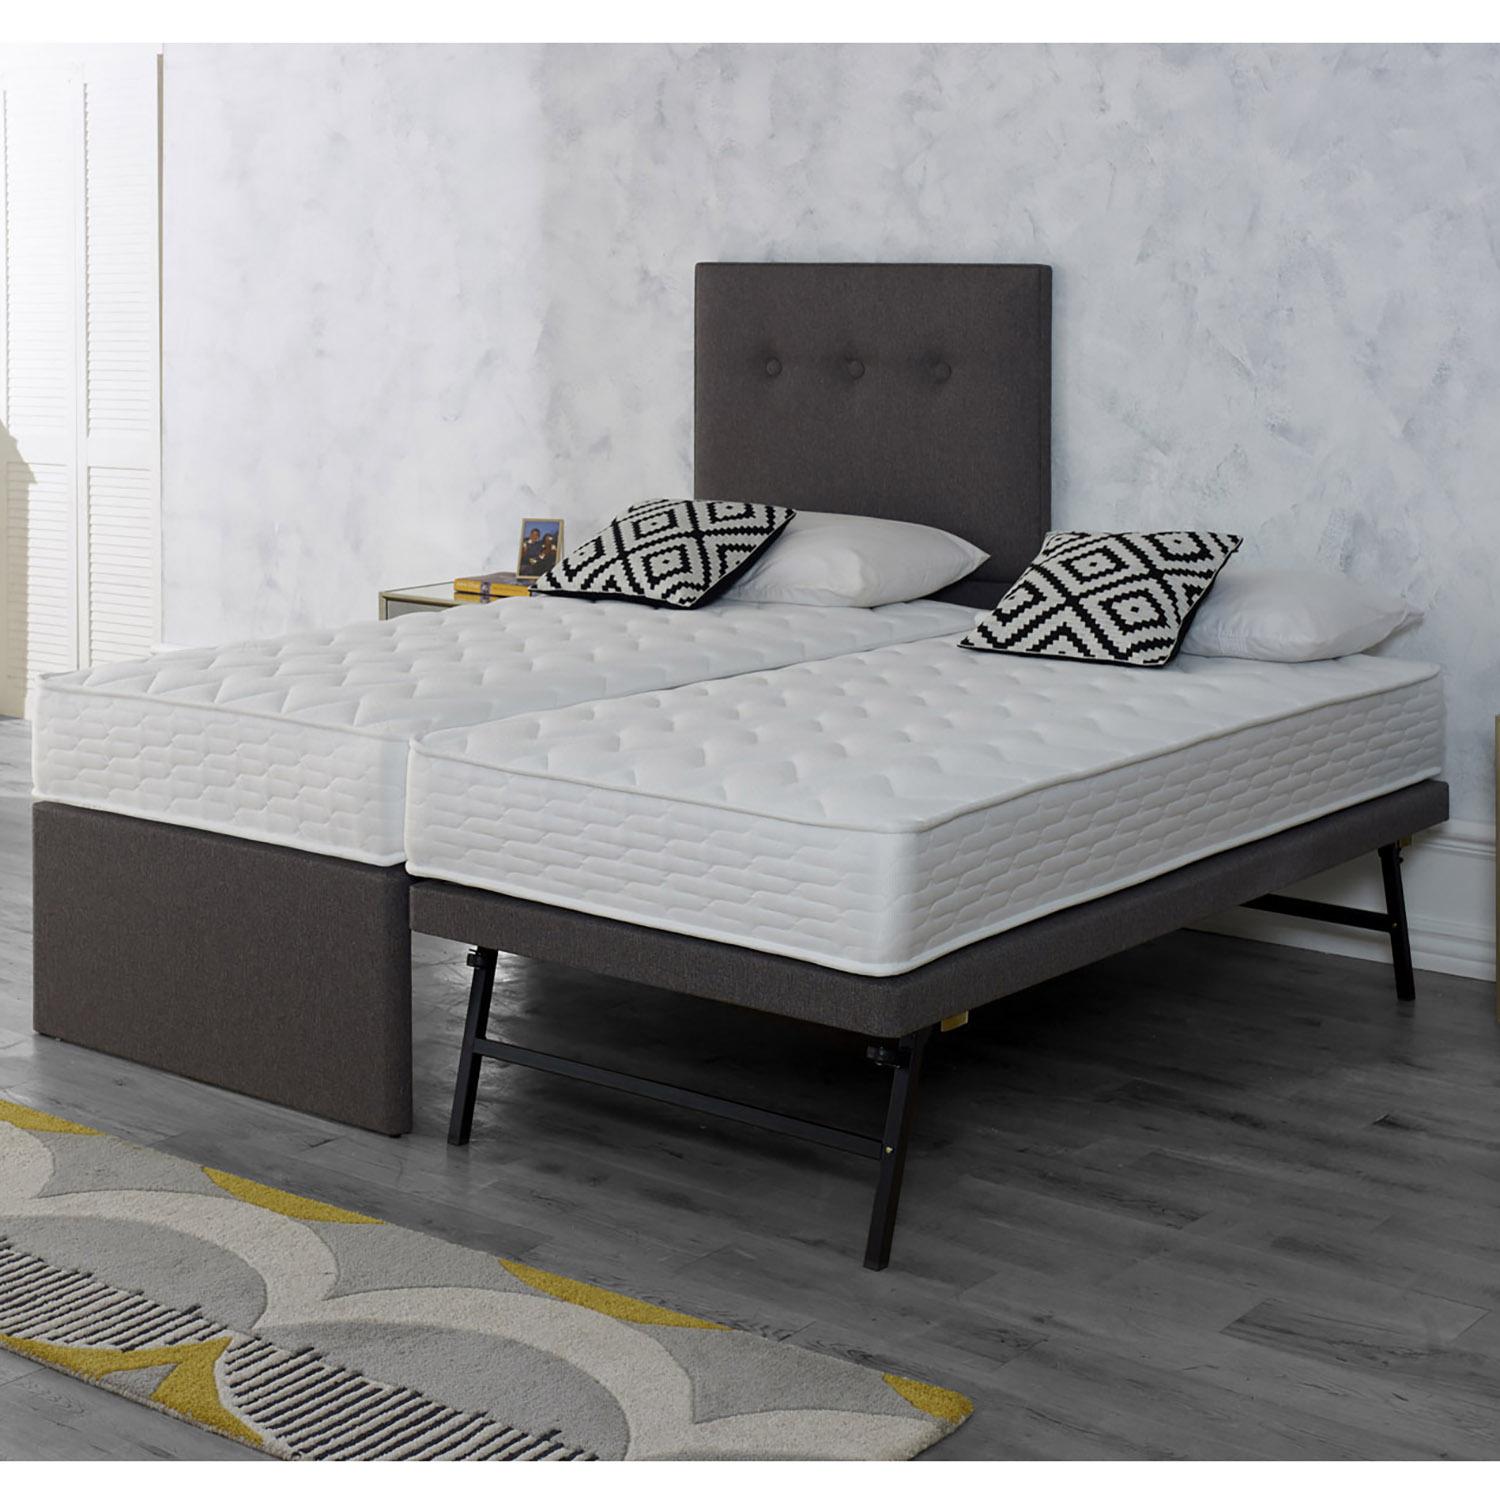 Highgrove Tandem Guest Bed - Open Coil Mattress